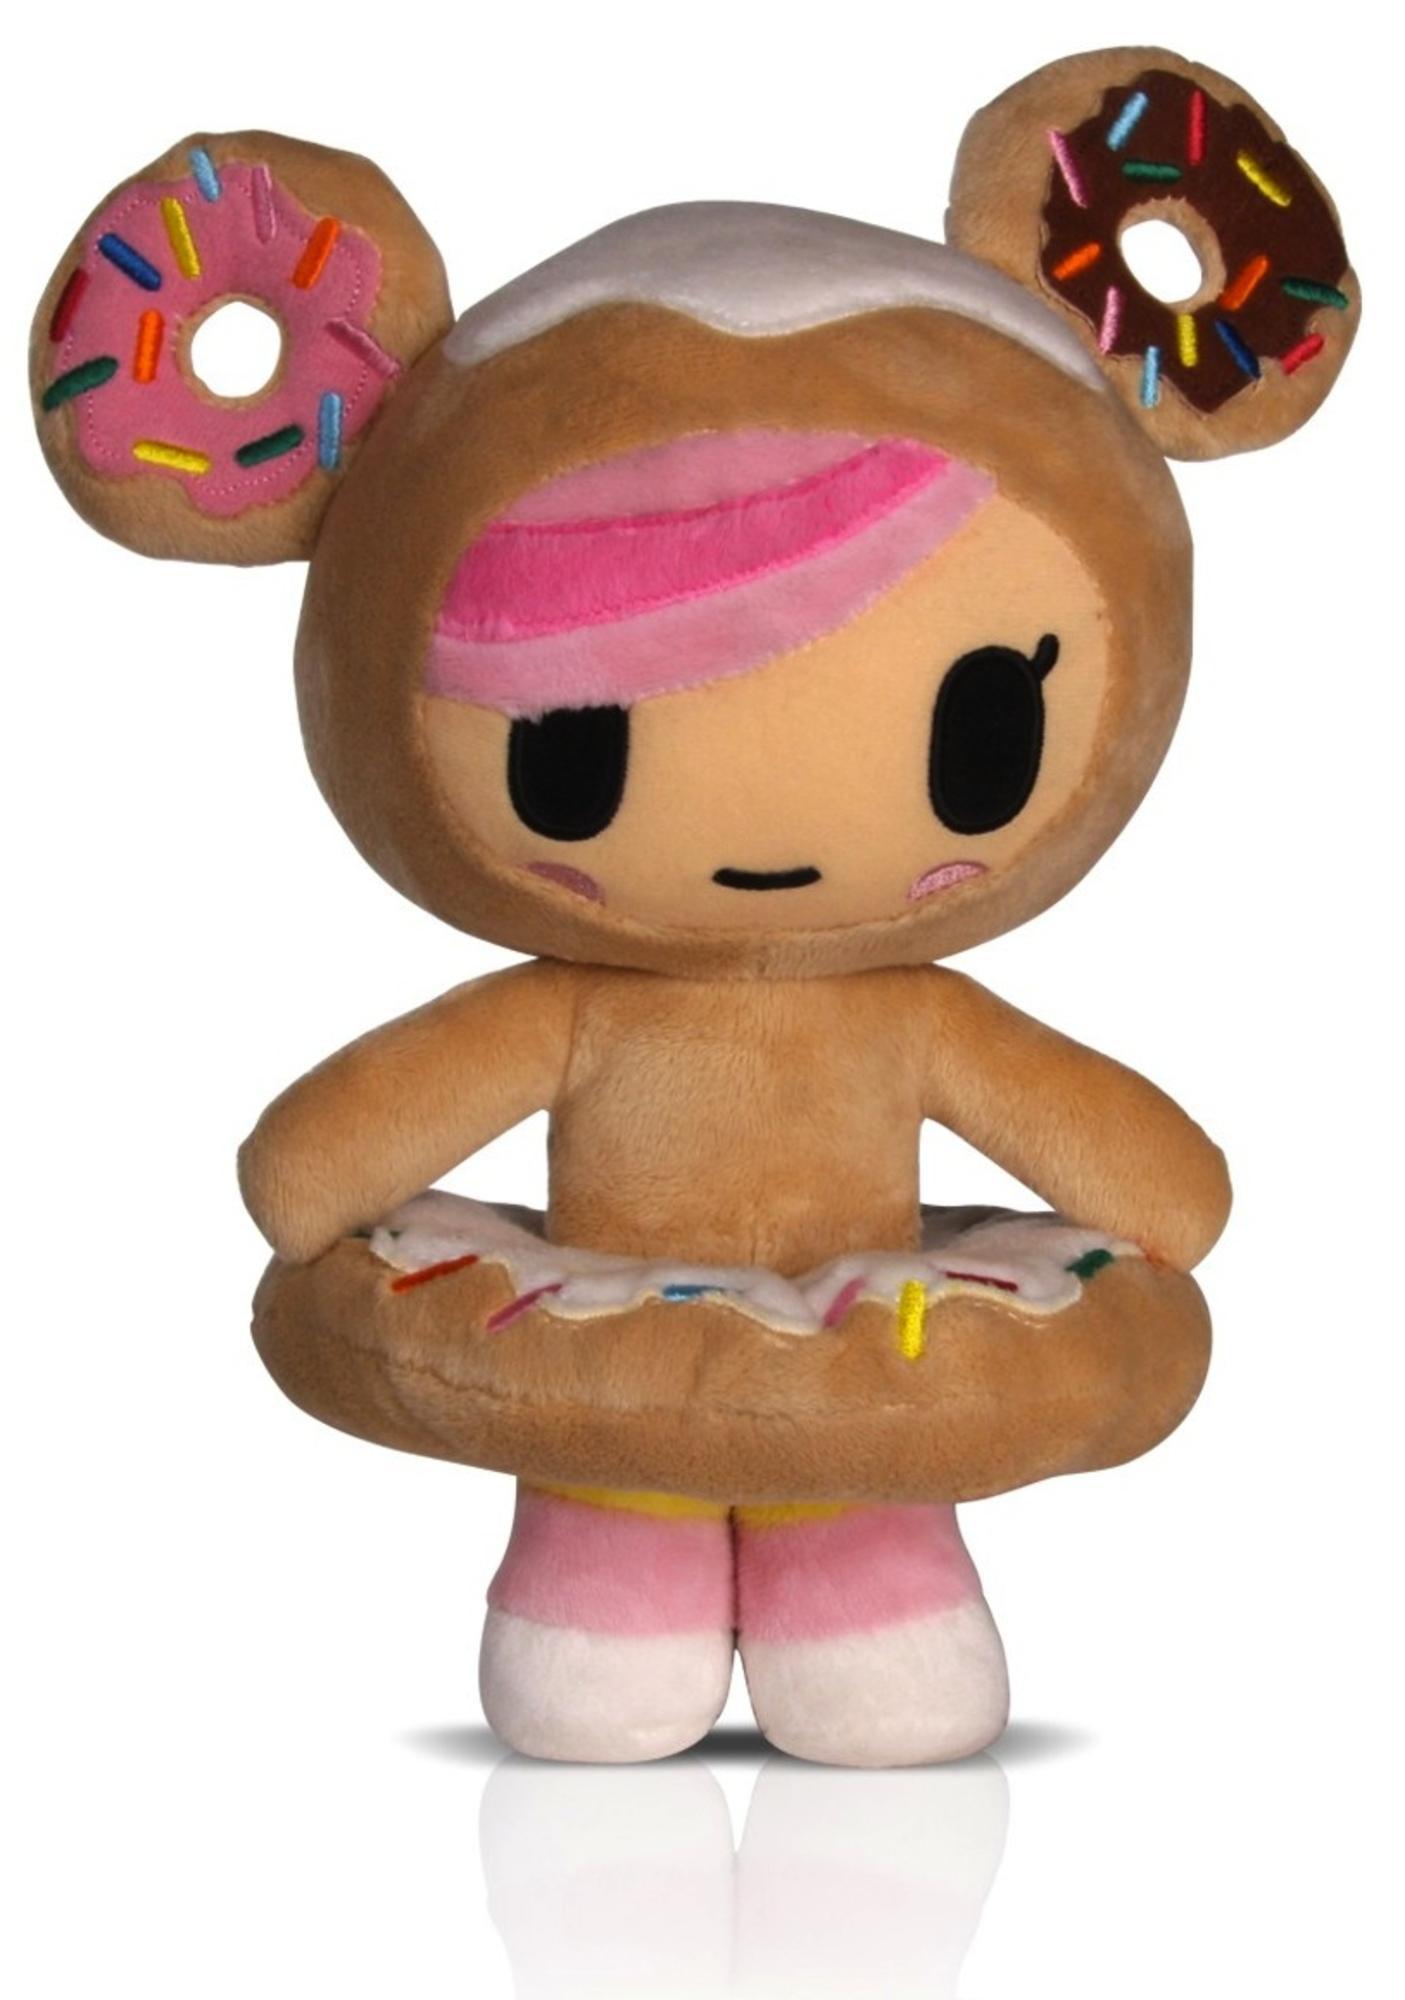 Tokidoki Donutella Plush Toy